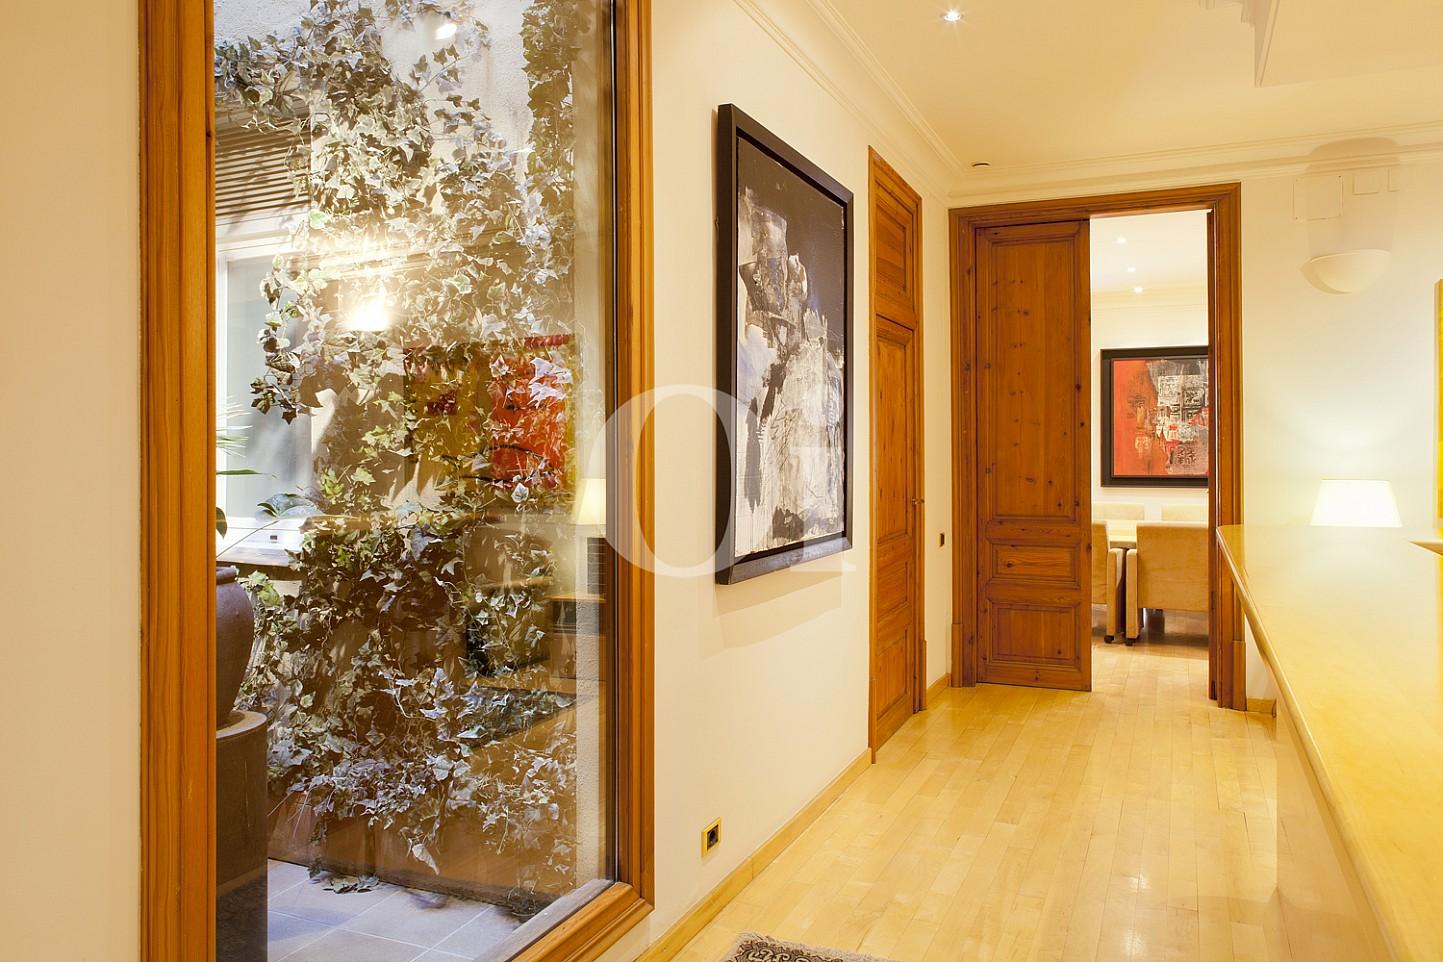 Zugang zum Besprechungsraum einer Wohnung zum Verkauf im Viertel Eixample Derecho Barcelonas